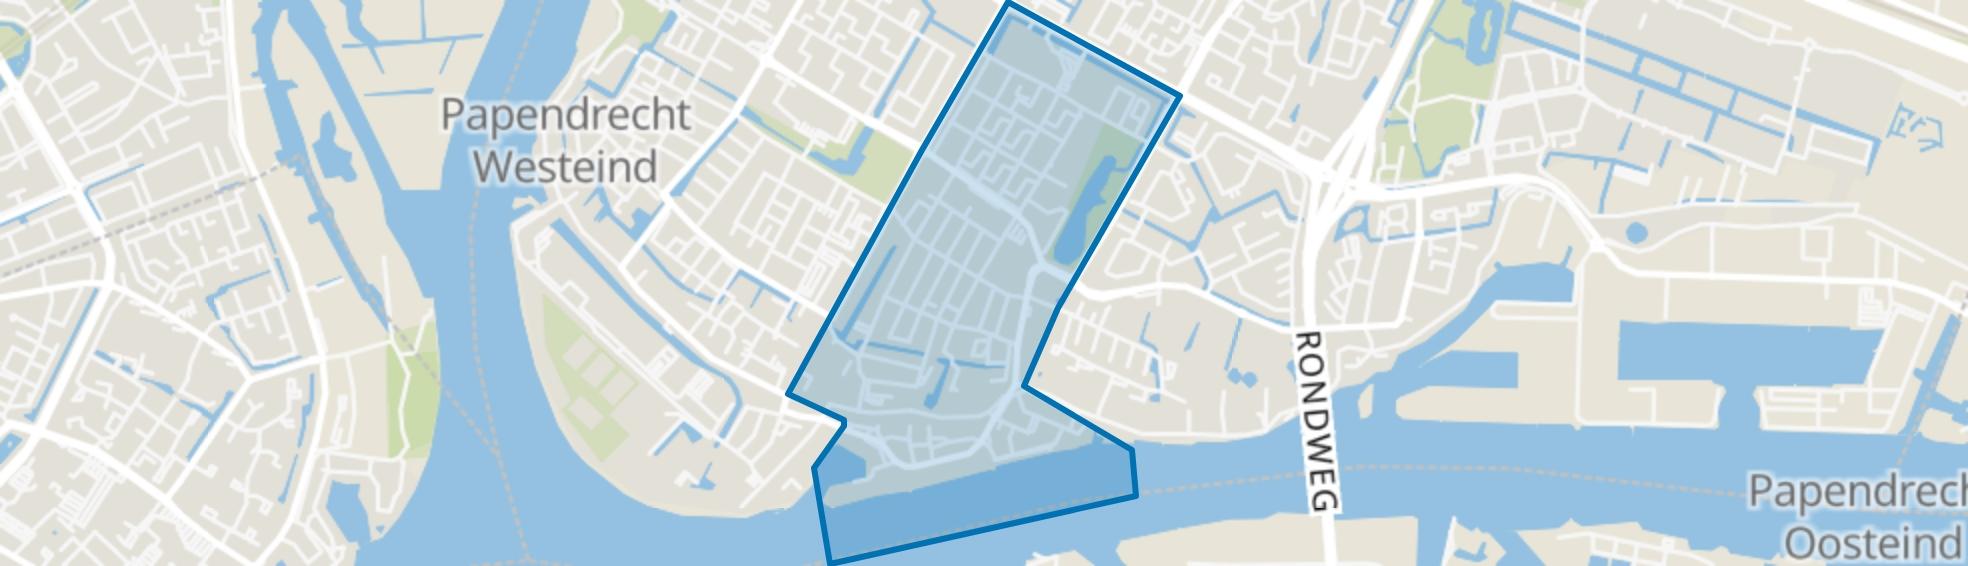 Kraaihoek, Papendrecht map